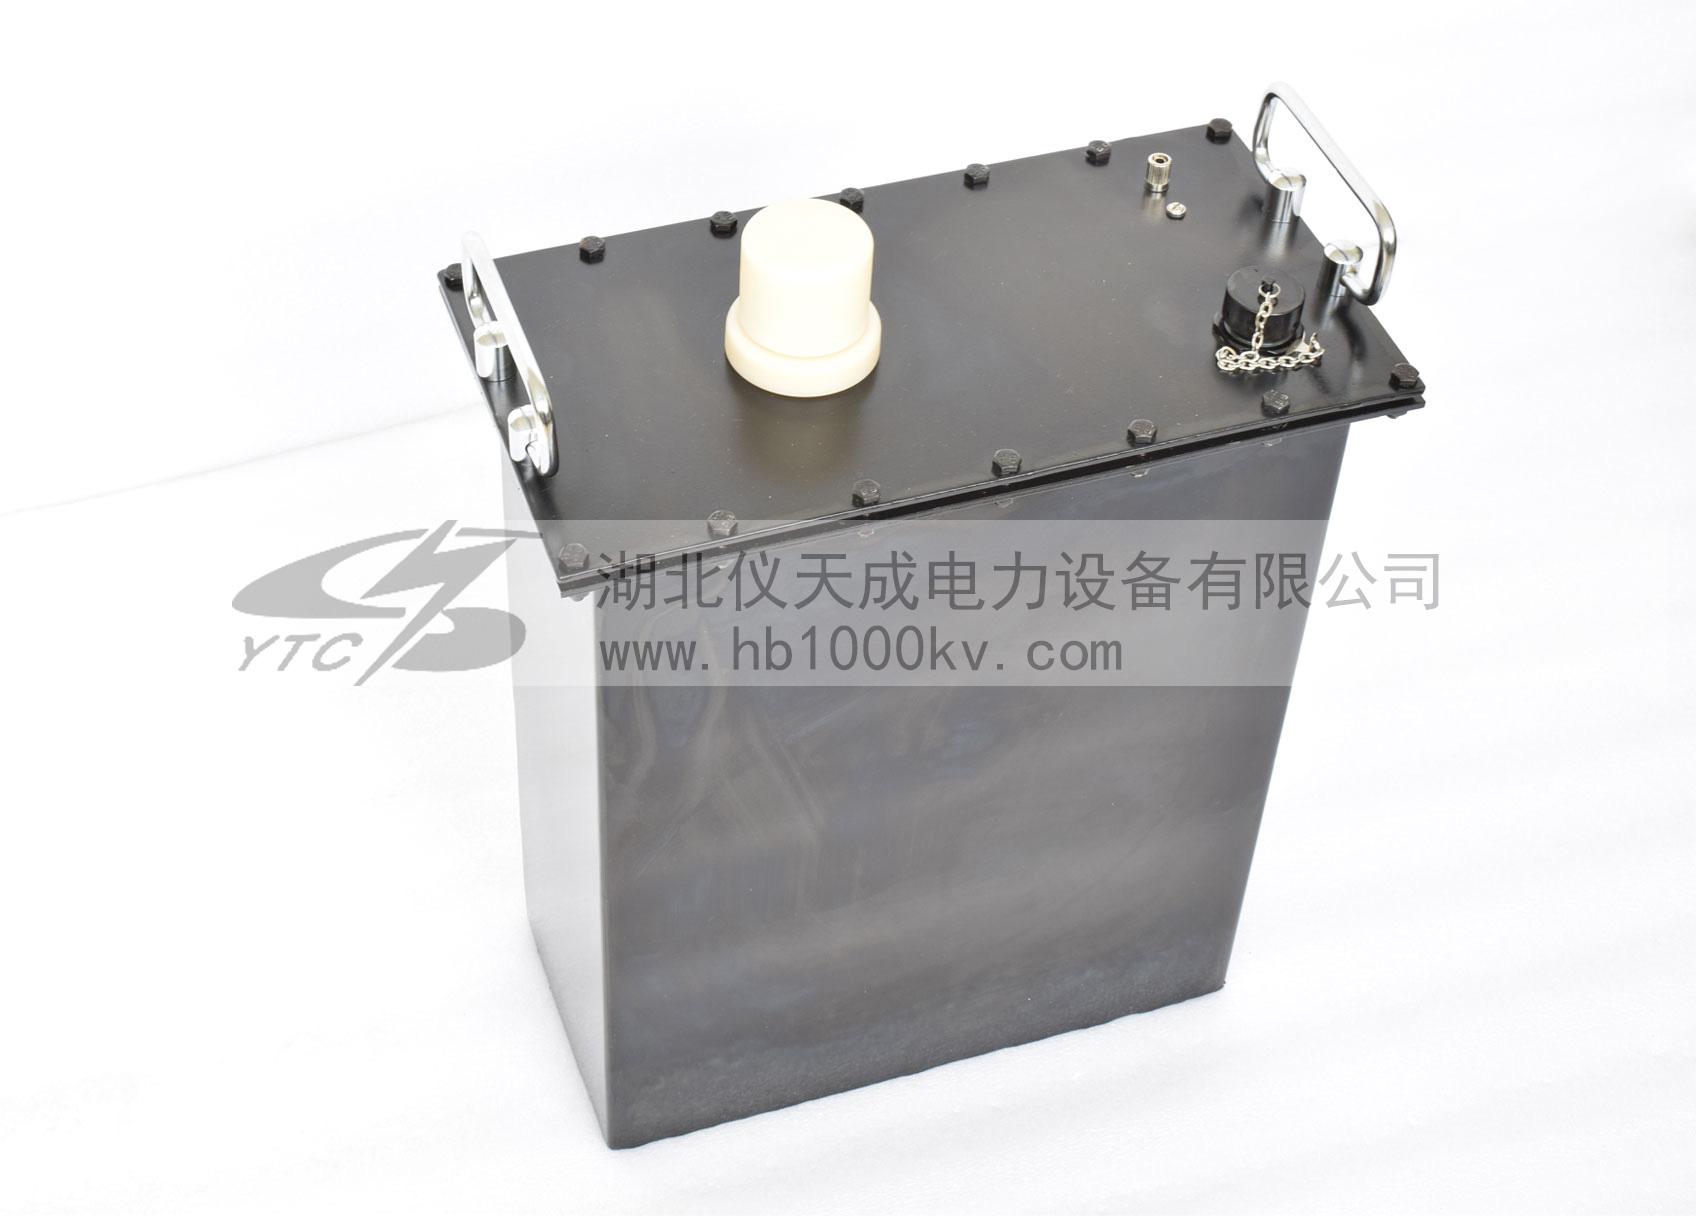 YTC1104超低频高压发生器配件1